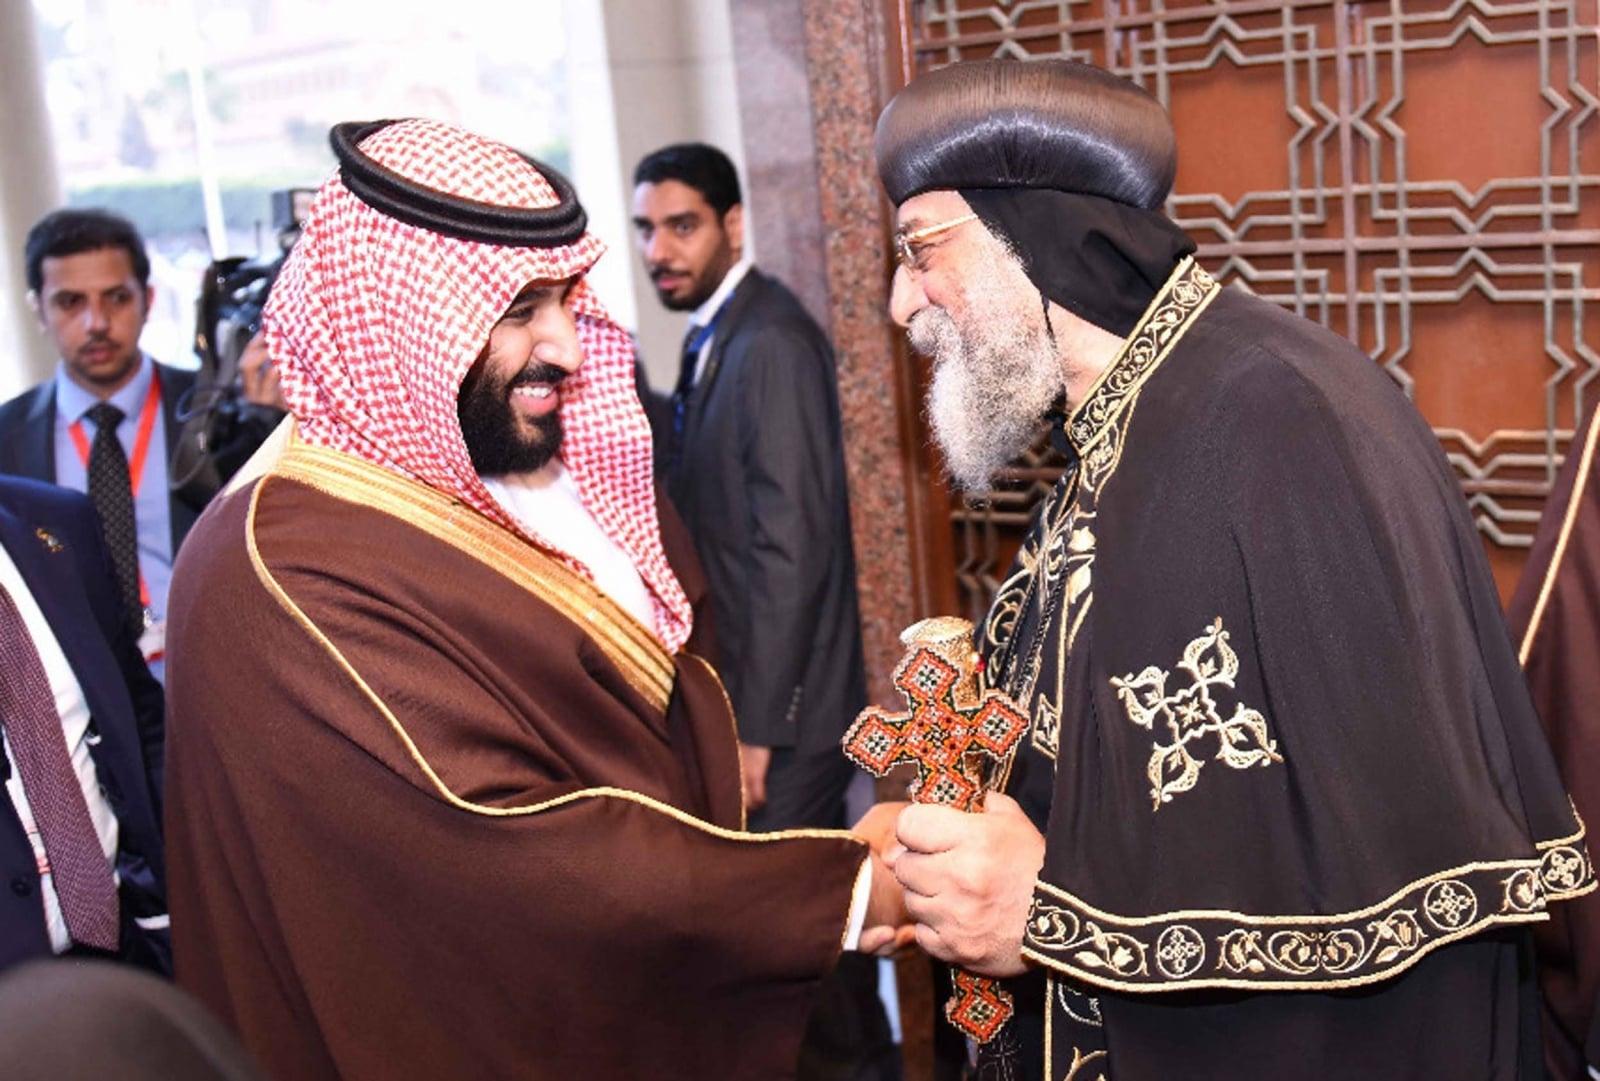 Saudyjski książę Muhammad ibn Salman spotkał się w poniedziałek w koptyjskiej katedrze św. Marka w Aleksandrii z patriarchą Kościoła koptyjskiego Tawadrosem II